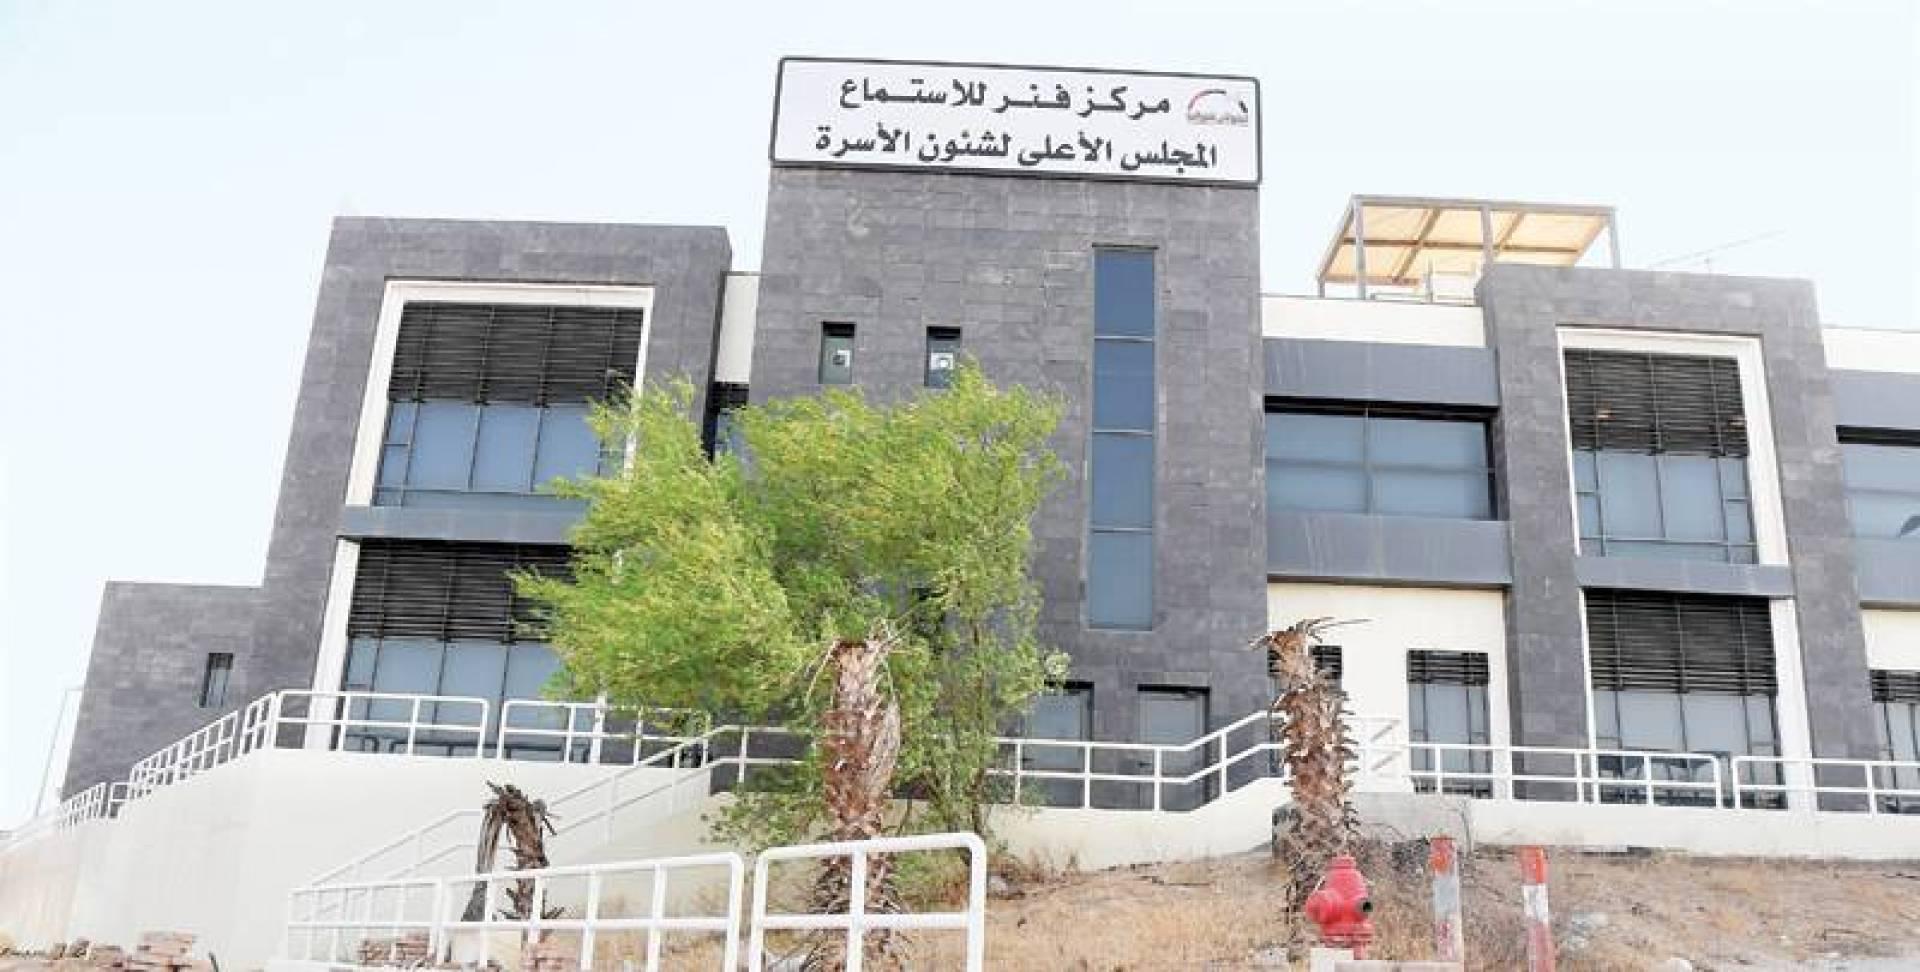 مركز فنر للاستماع في مبنى الإيواء مجرد مبنى مهجور | تصوير مصطفى نجم